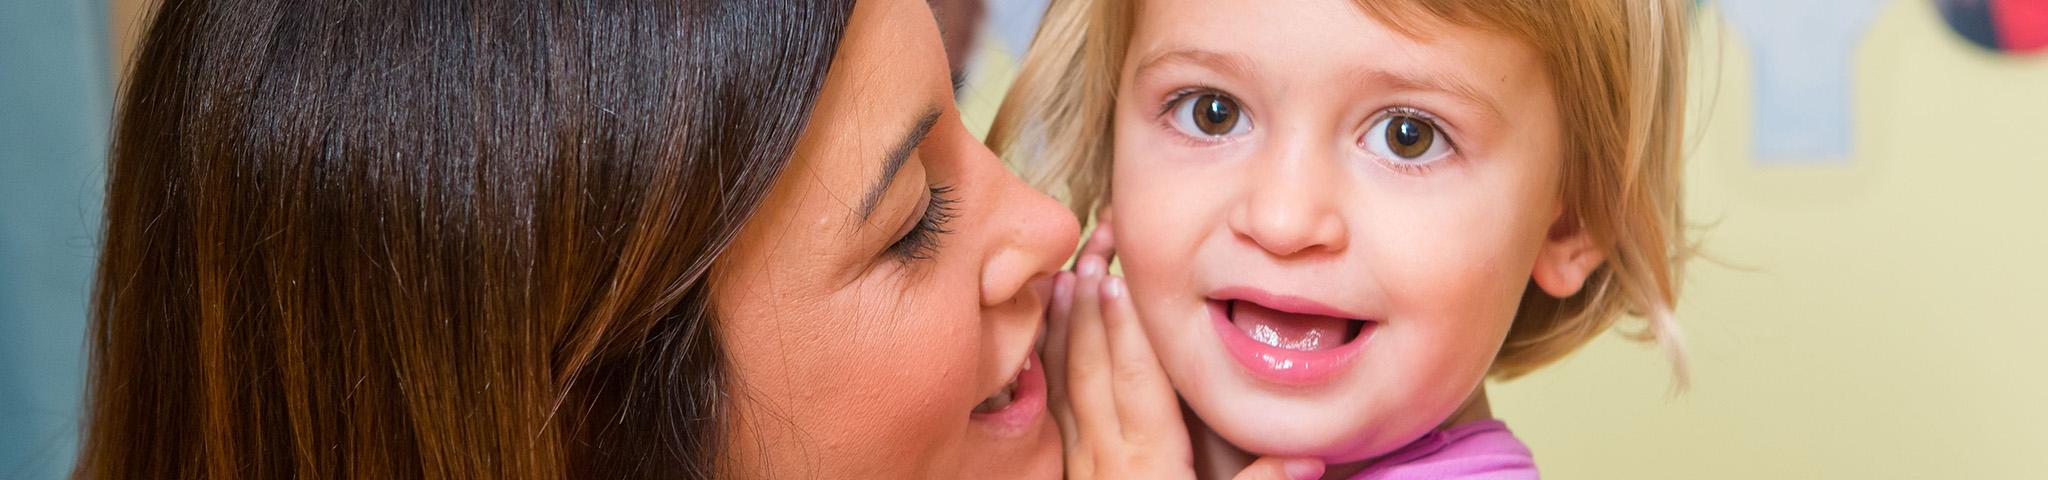 Consulenza e Welfare: Servizi per le aziende - Happy Child, Lombardia